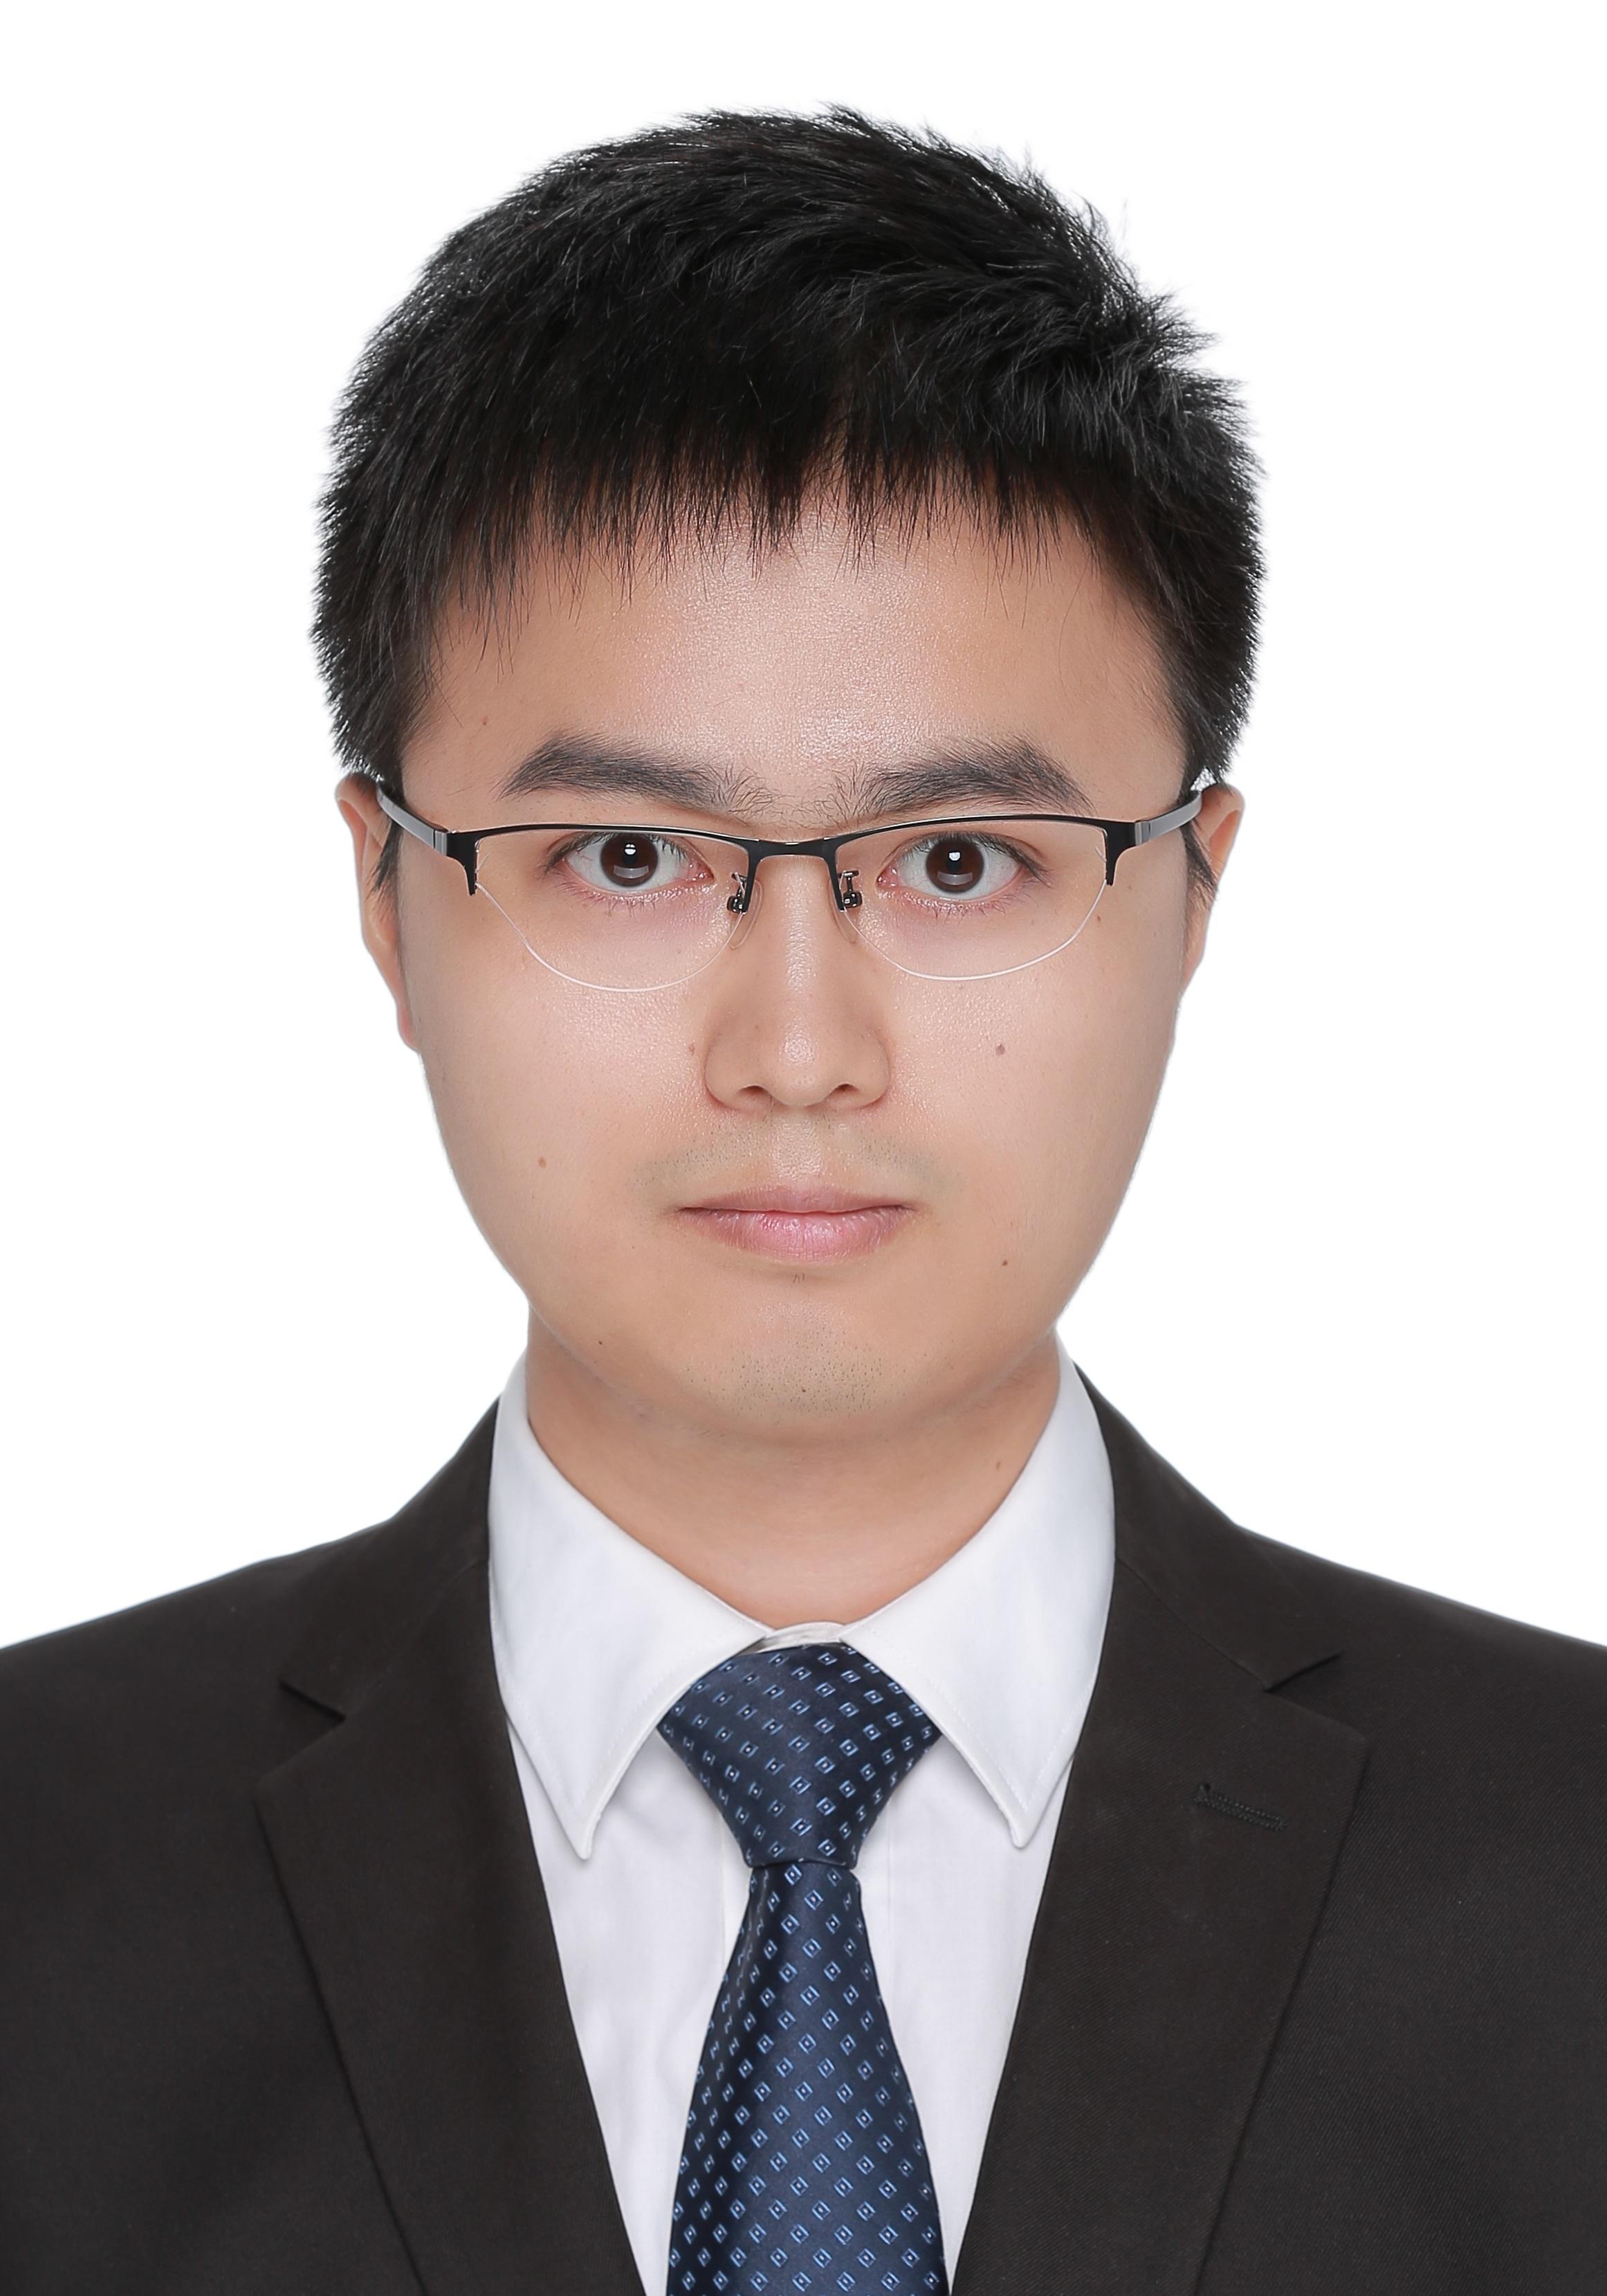 北京家教戴教员